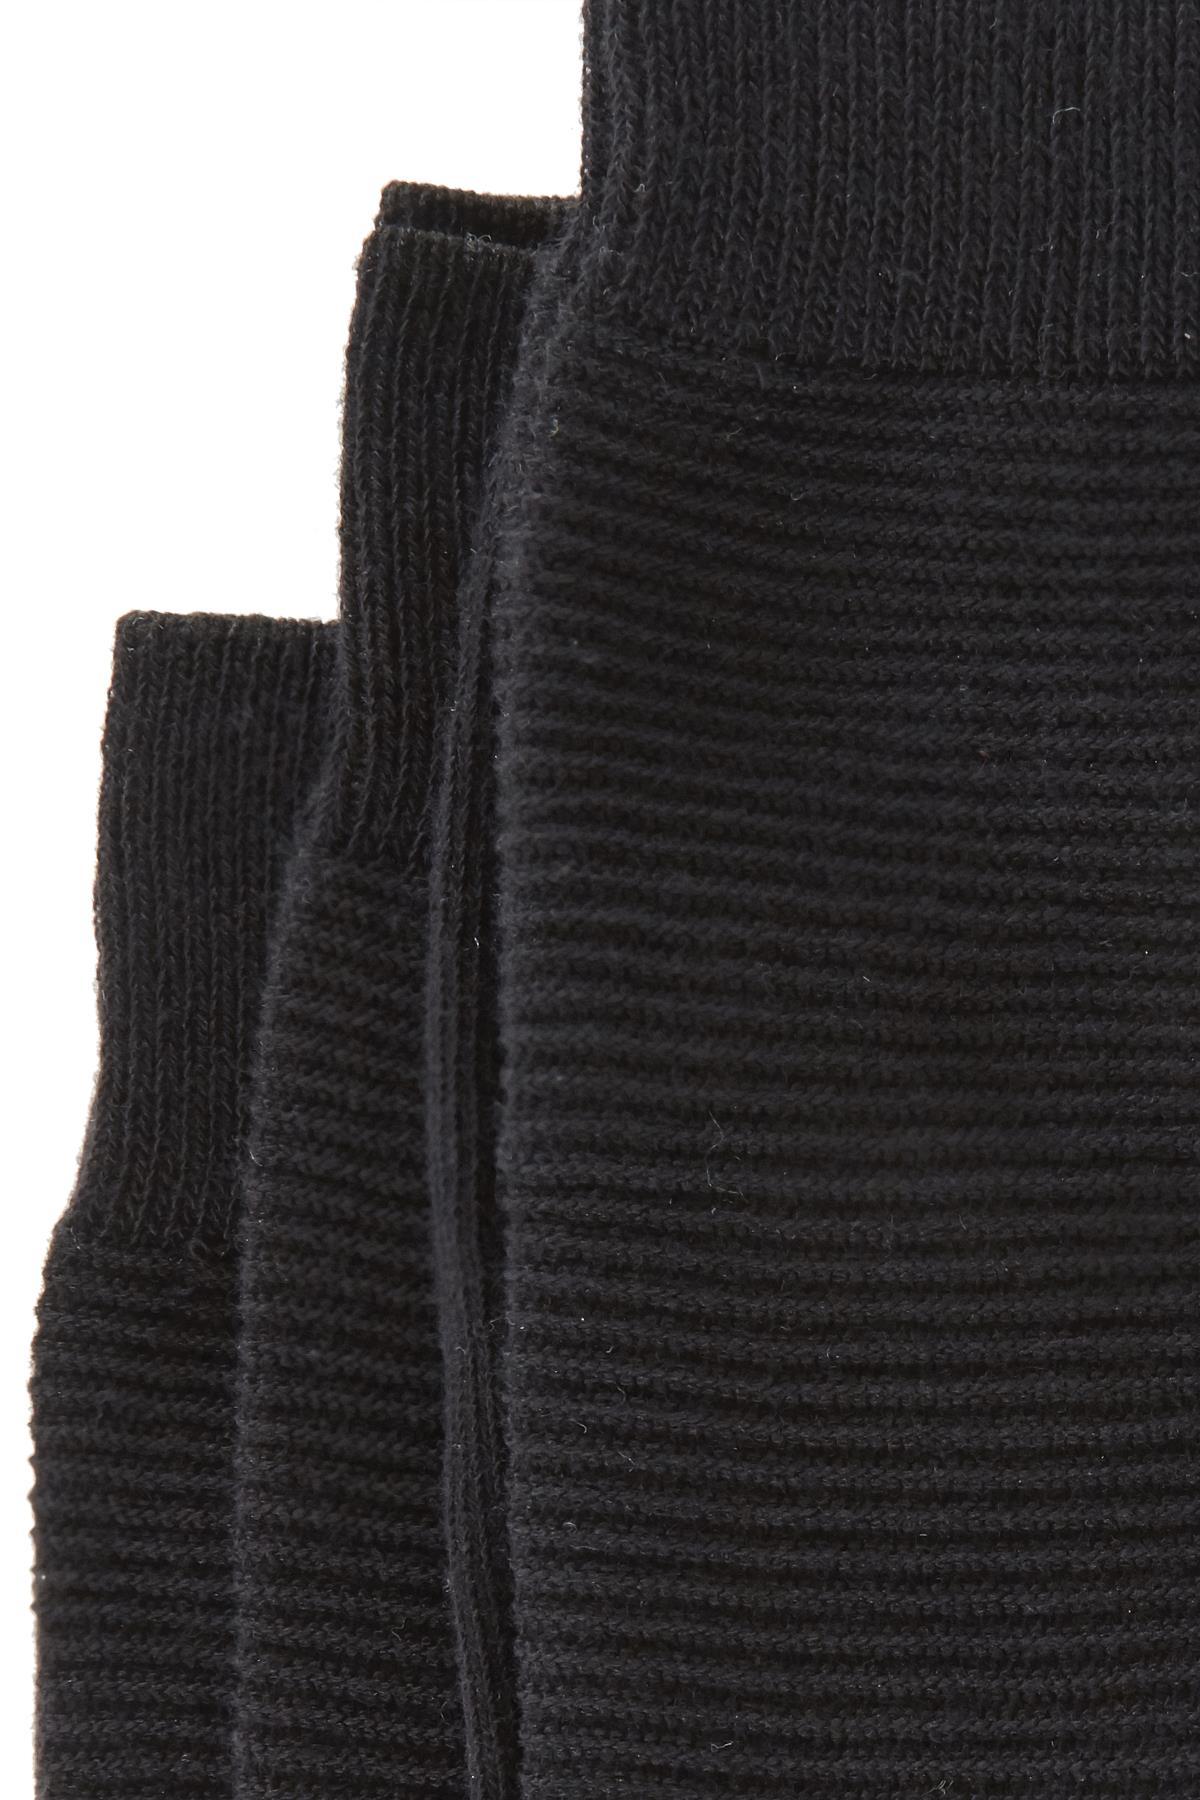 Black Strømper – Køb Black Strømper fra str. ONE her